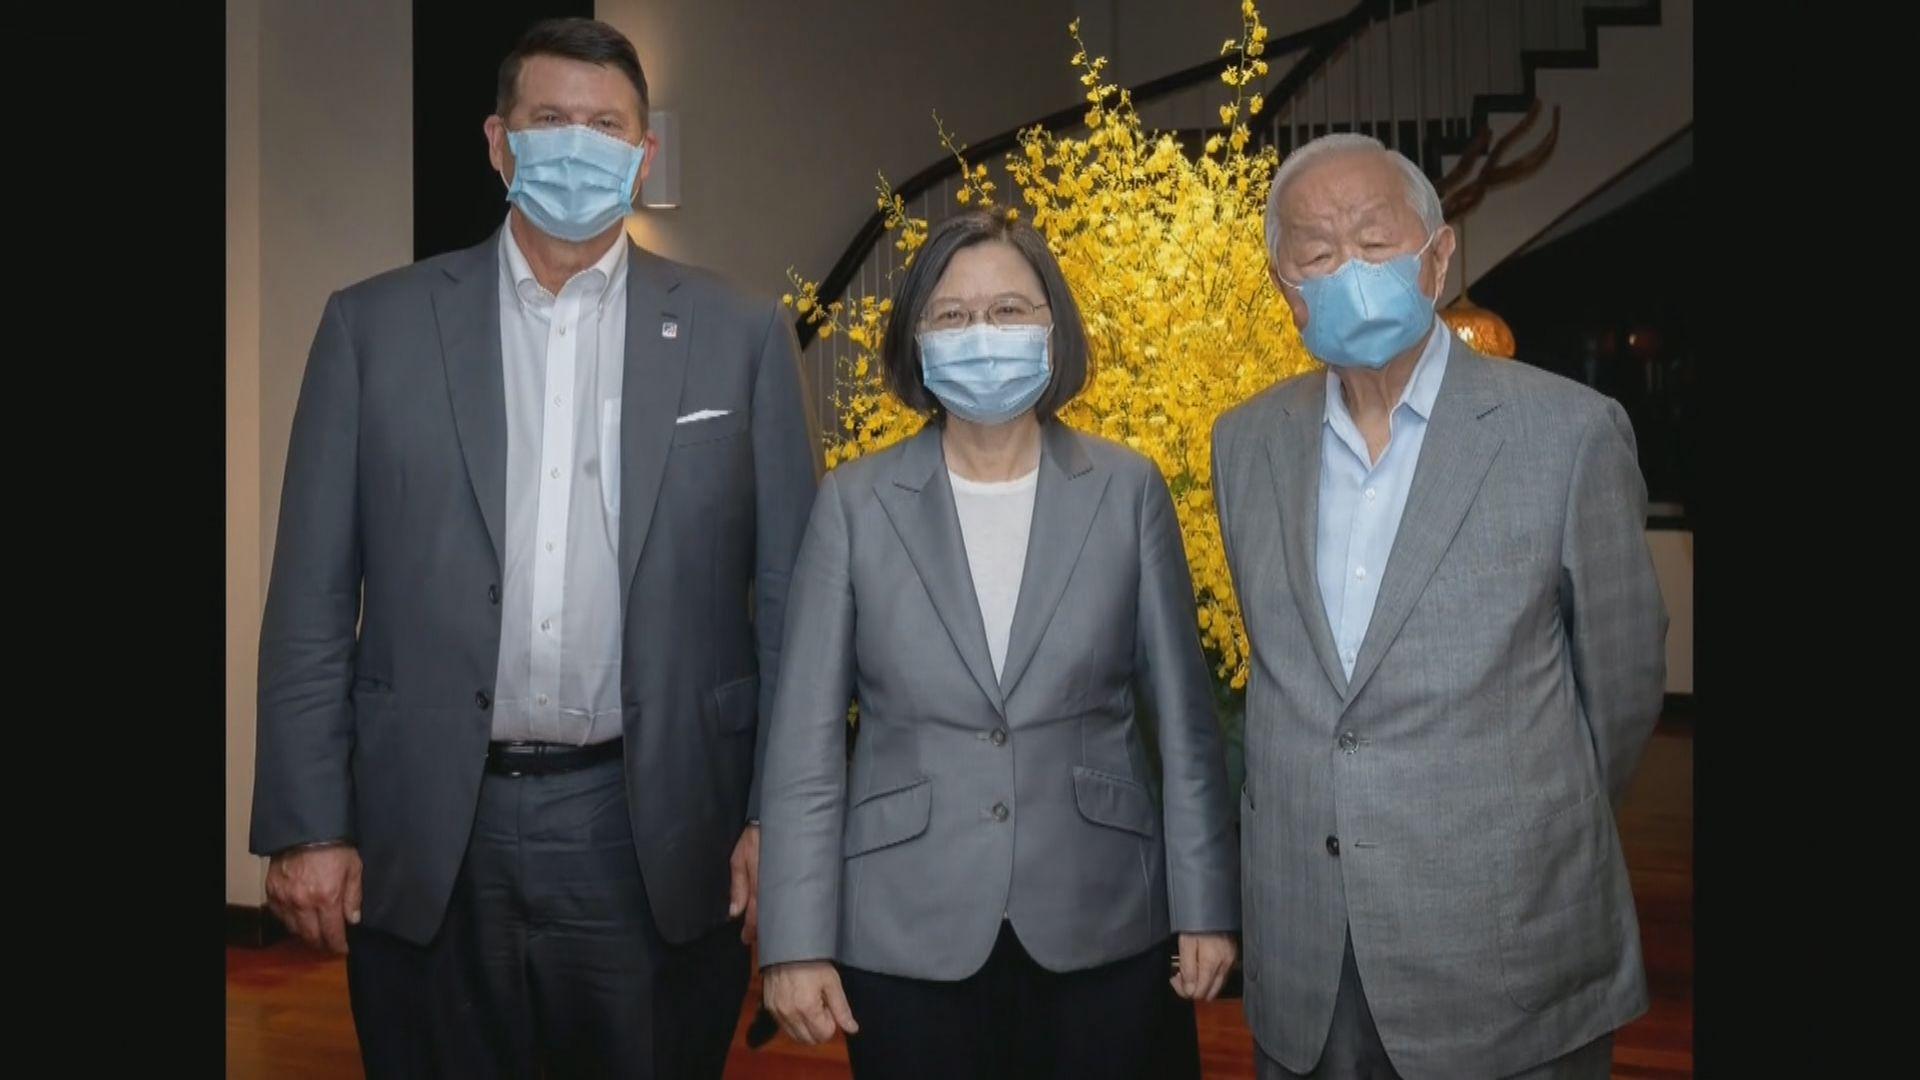 美副國務卿結束台灣訪問 台方稱與其就多項議題交換意見成果豐碩